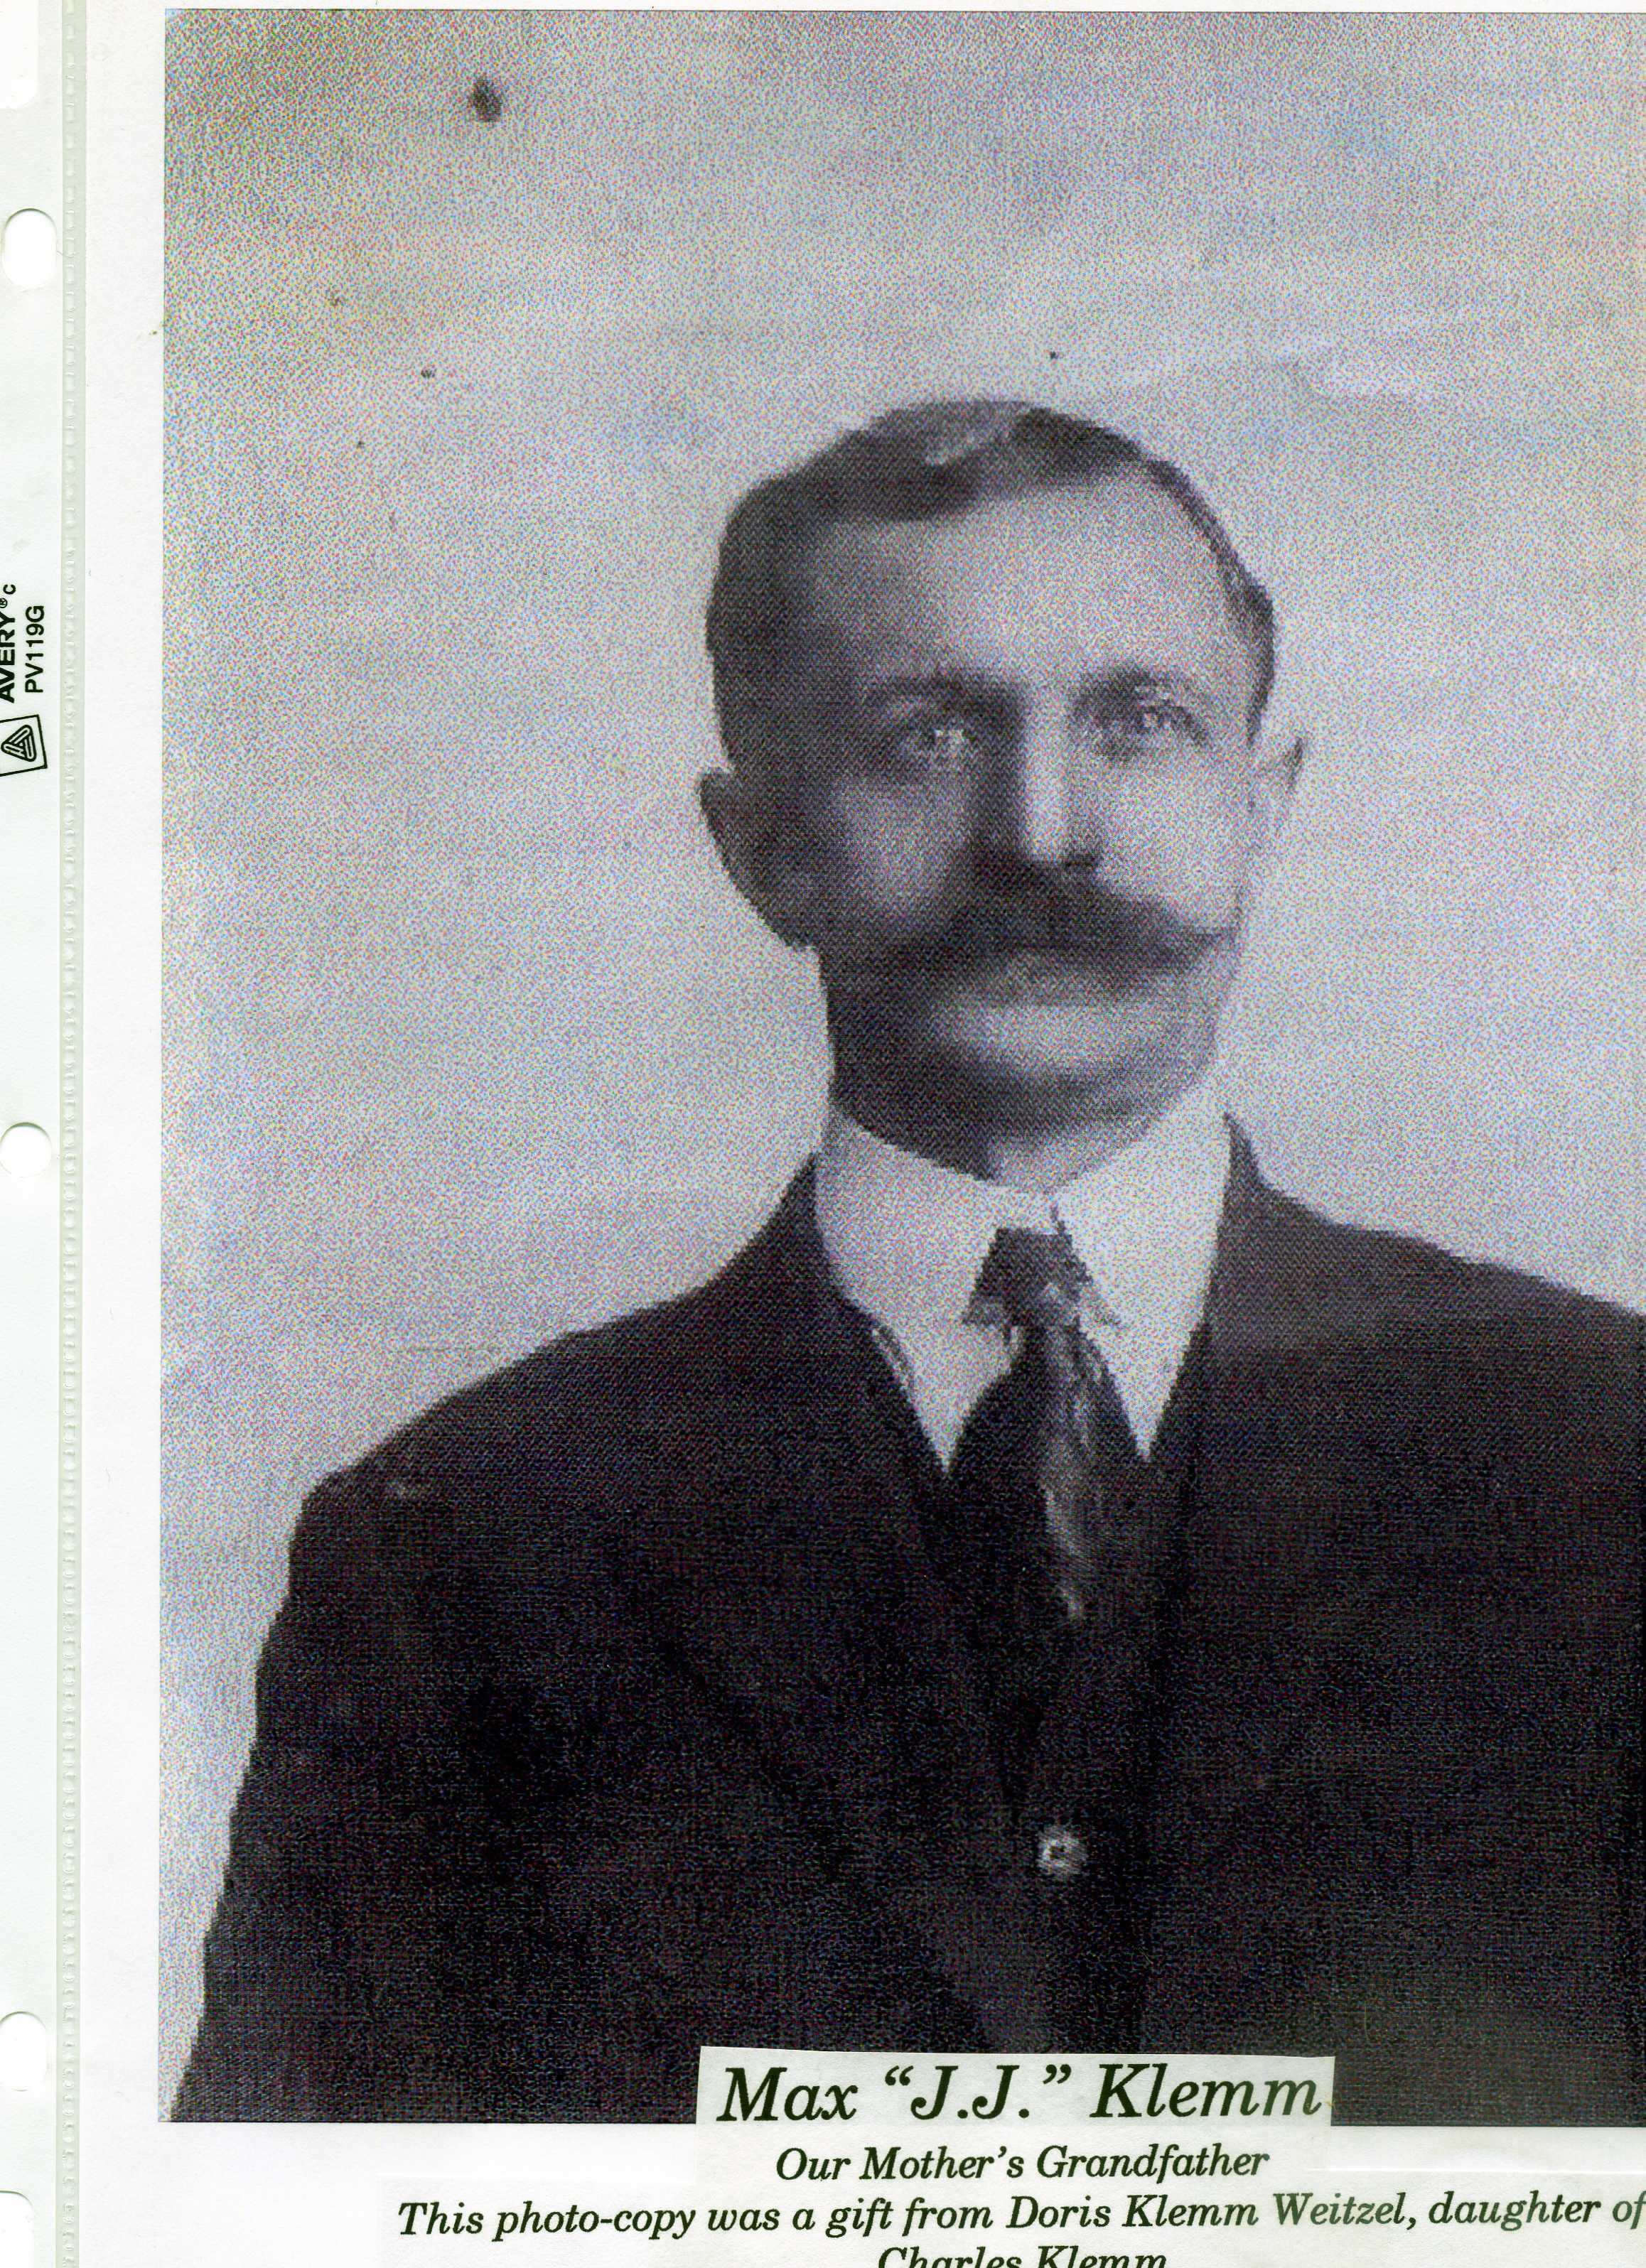 Joseph Klemm